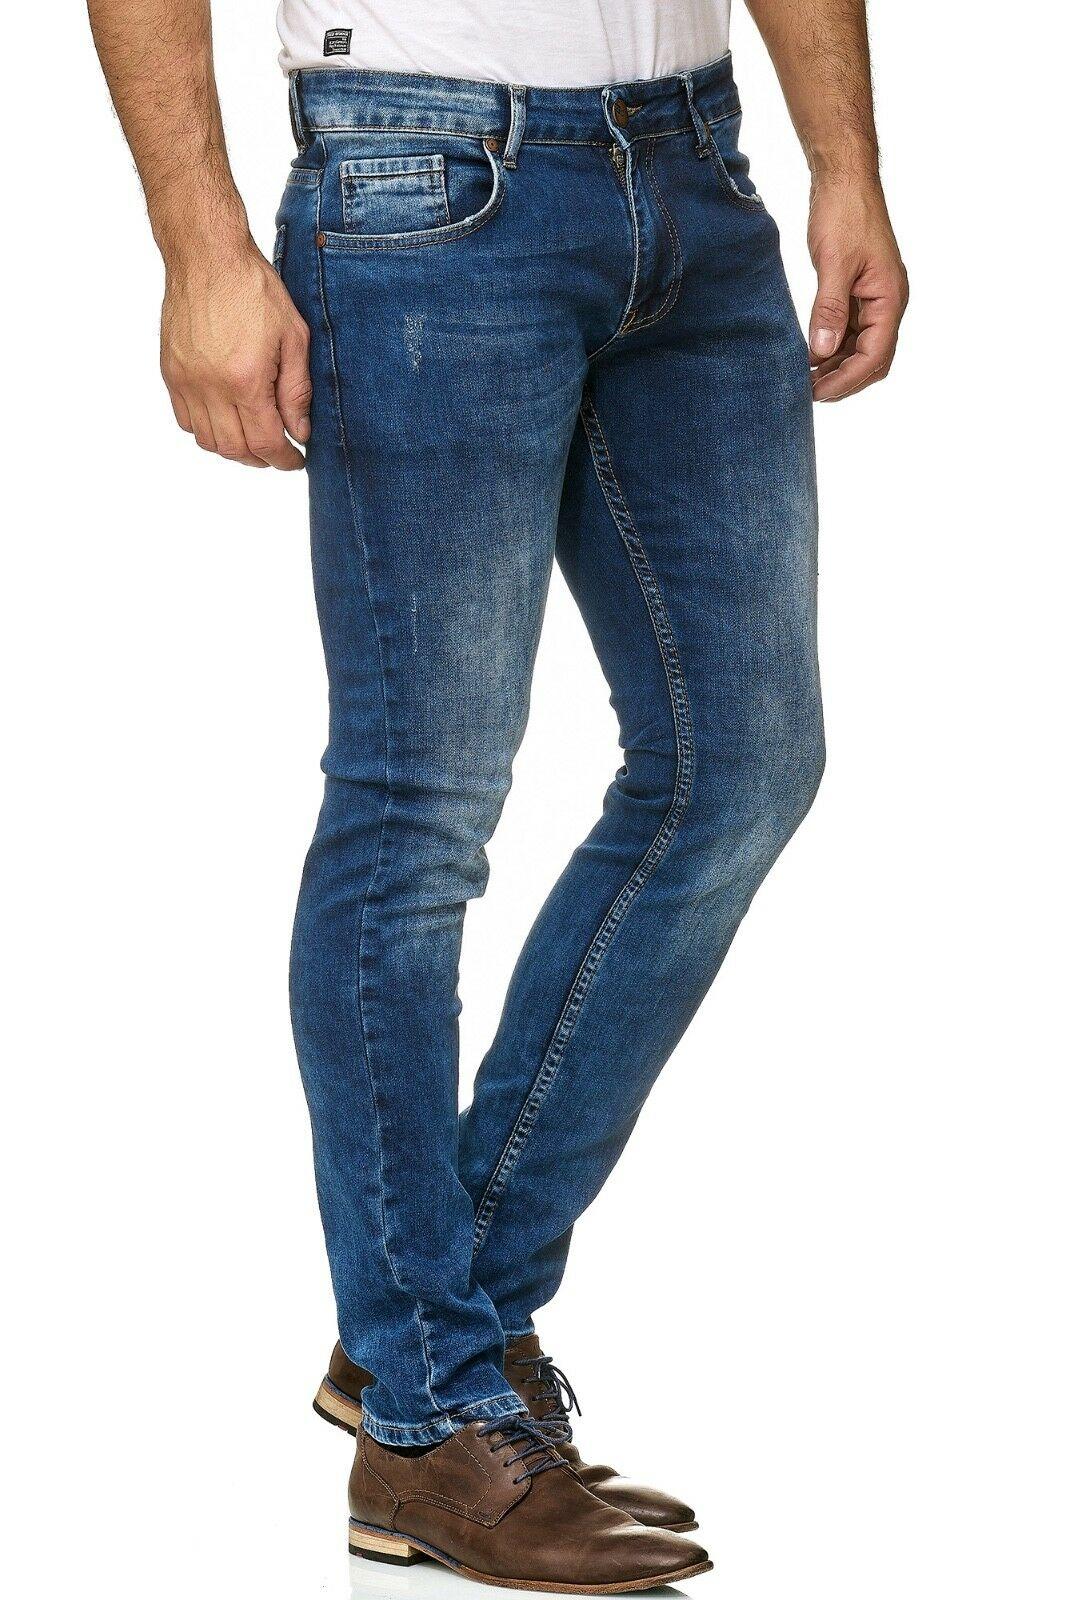 Herren-Jeanshosen-Stretch-Hose-Slim-fit-SKINNY-Jeans-Blau-Schwarz-Grau-Weiss Indexbild 43